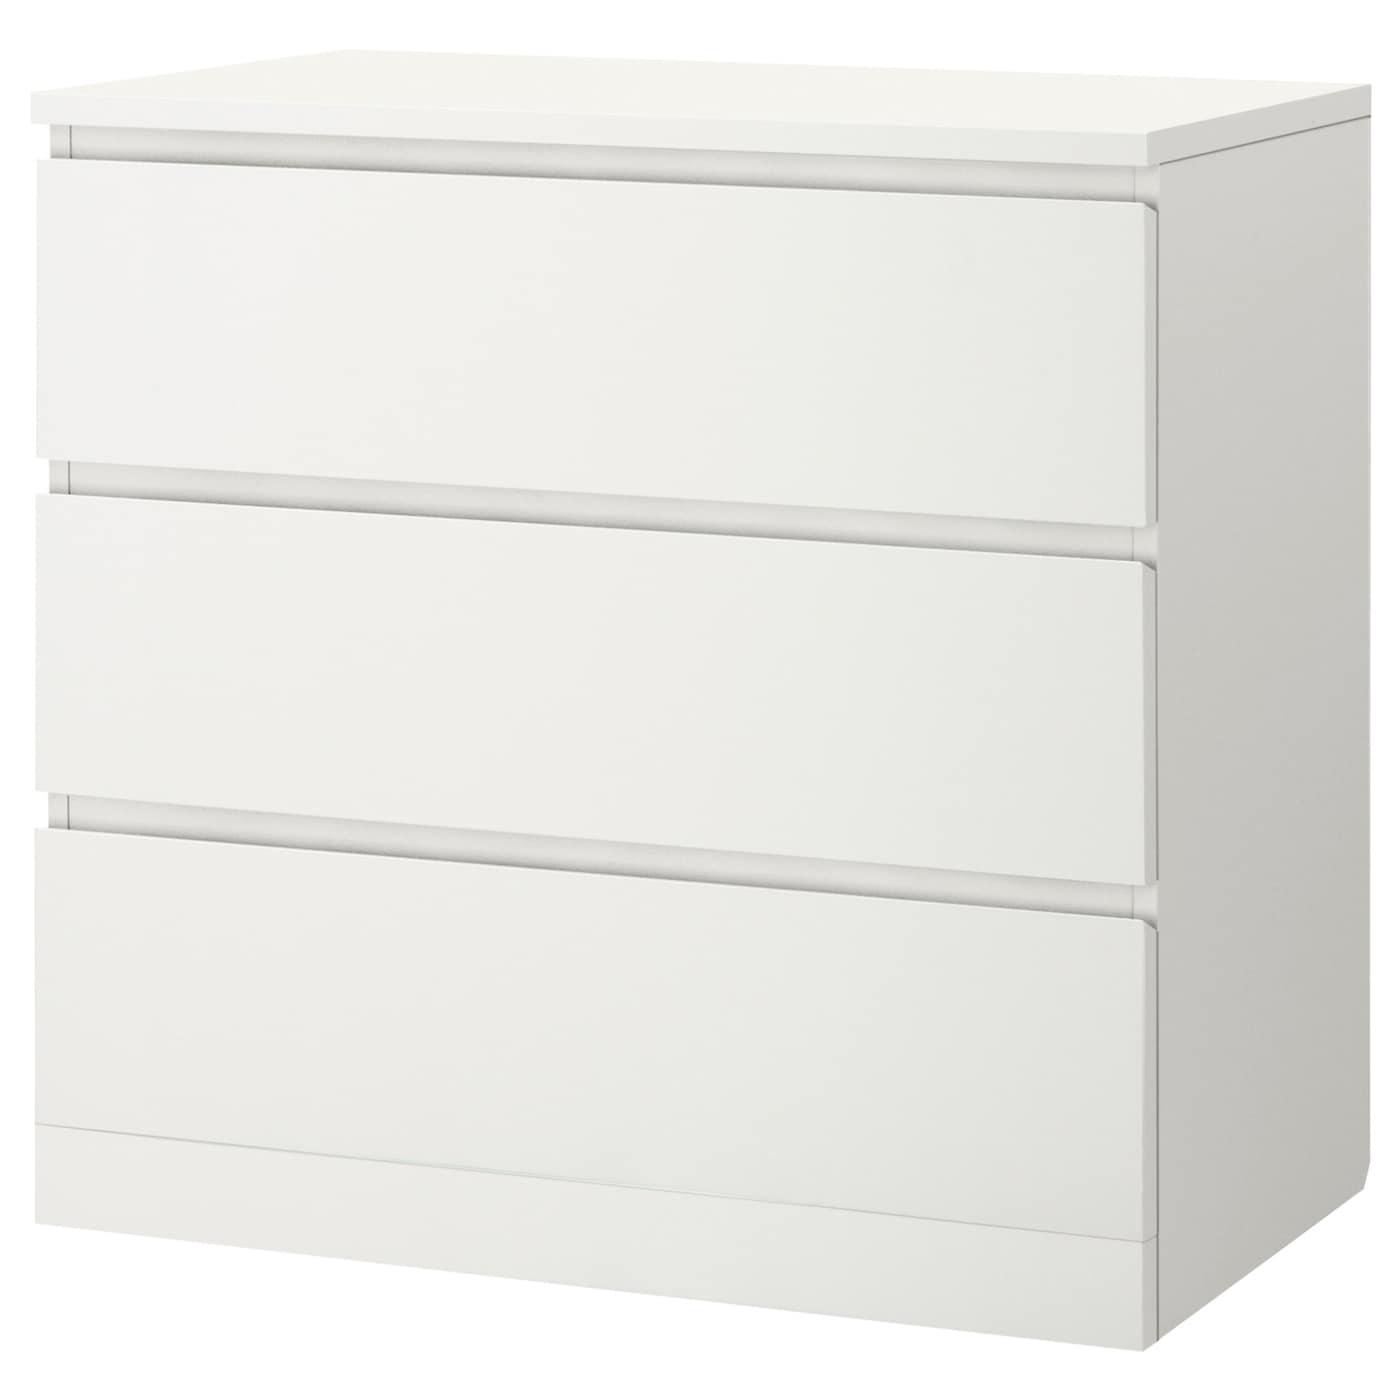 Cassettiera Malm Ikea Usata.Malm Cassettiera Con 3 Cassetti Bianco 80x78 Cm Ikea